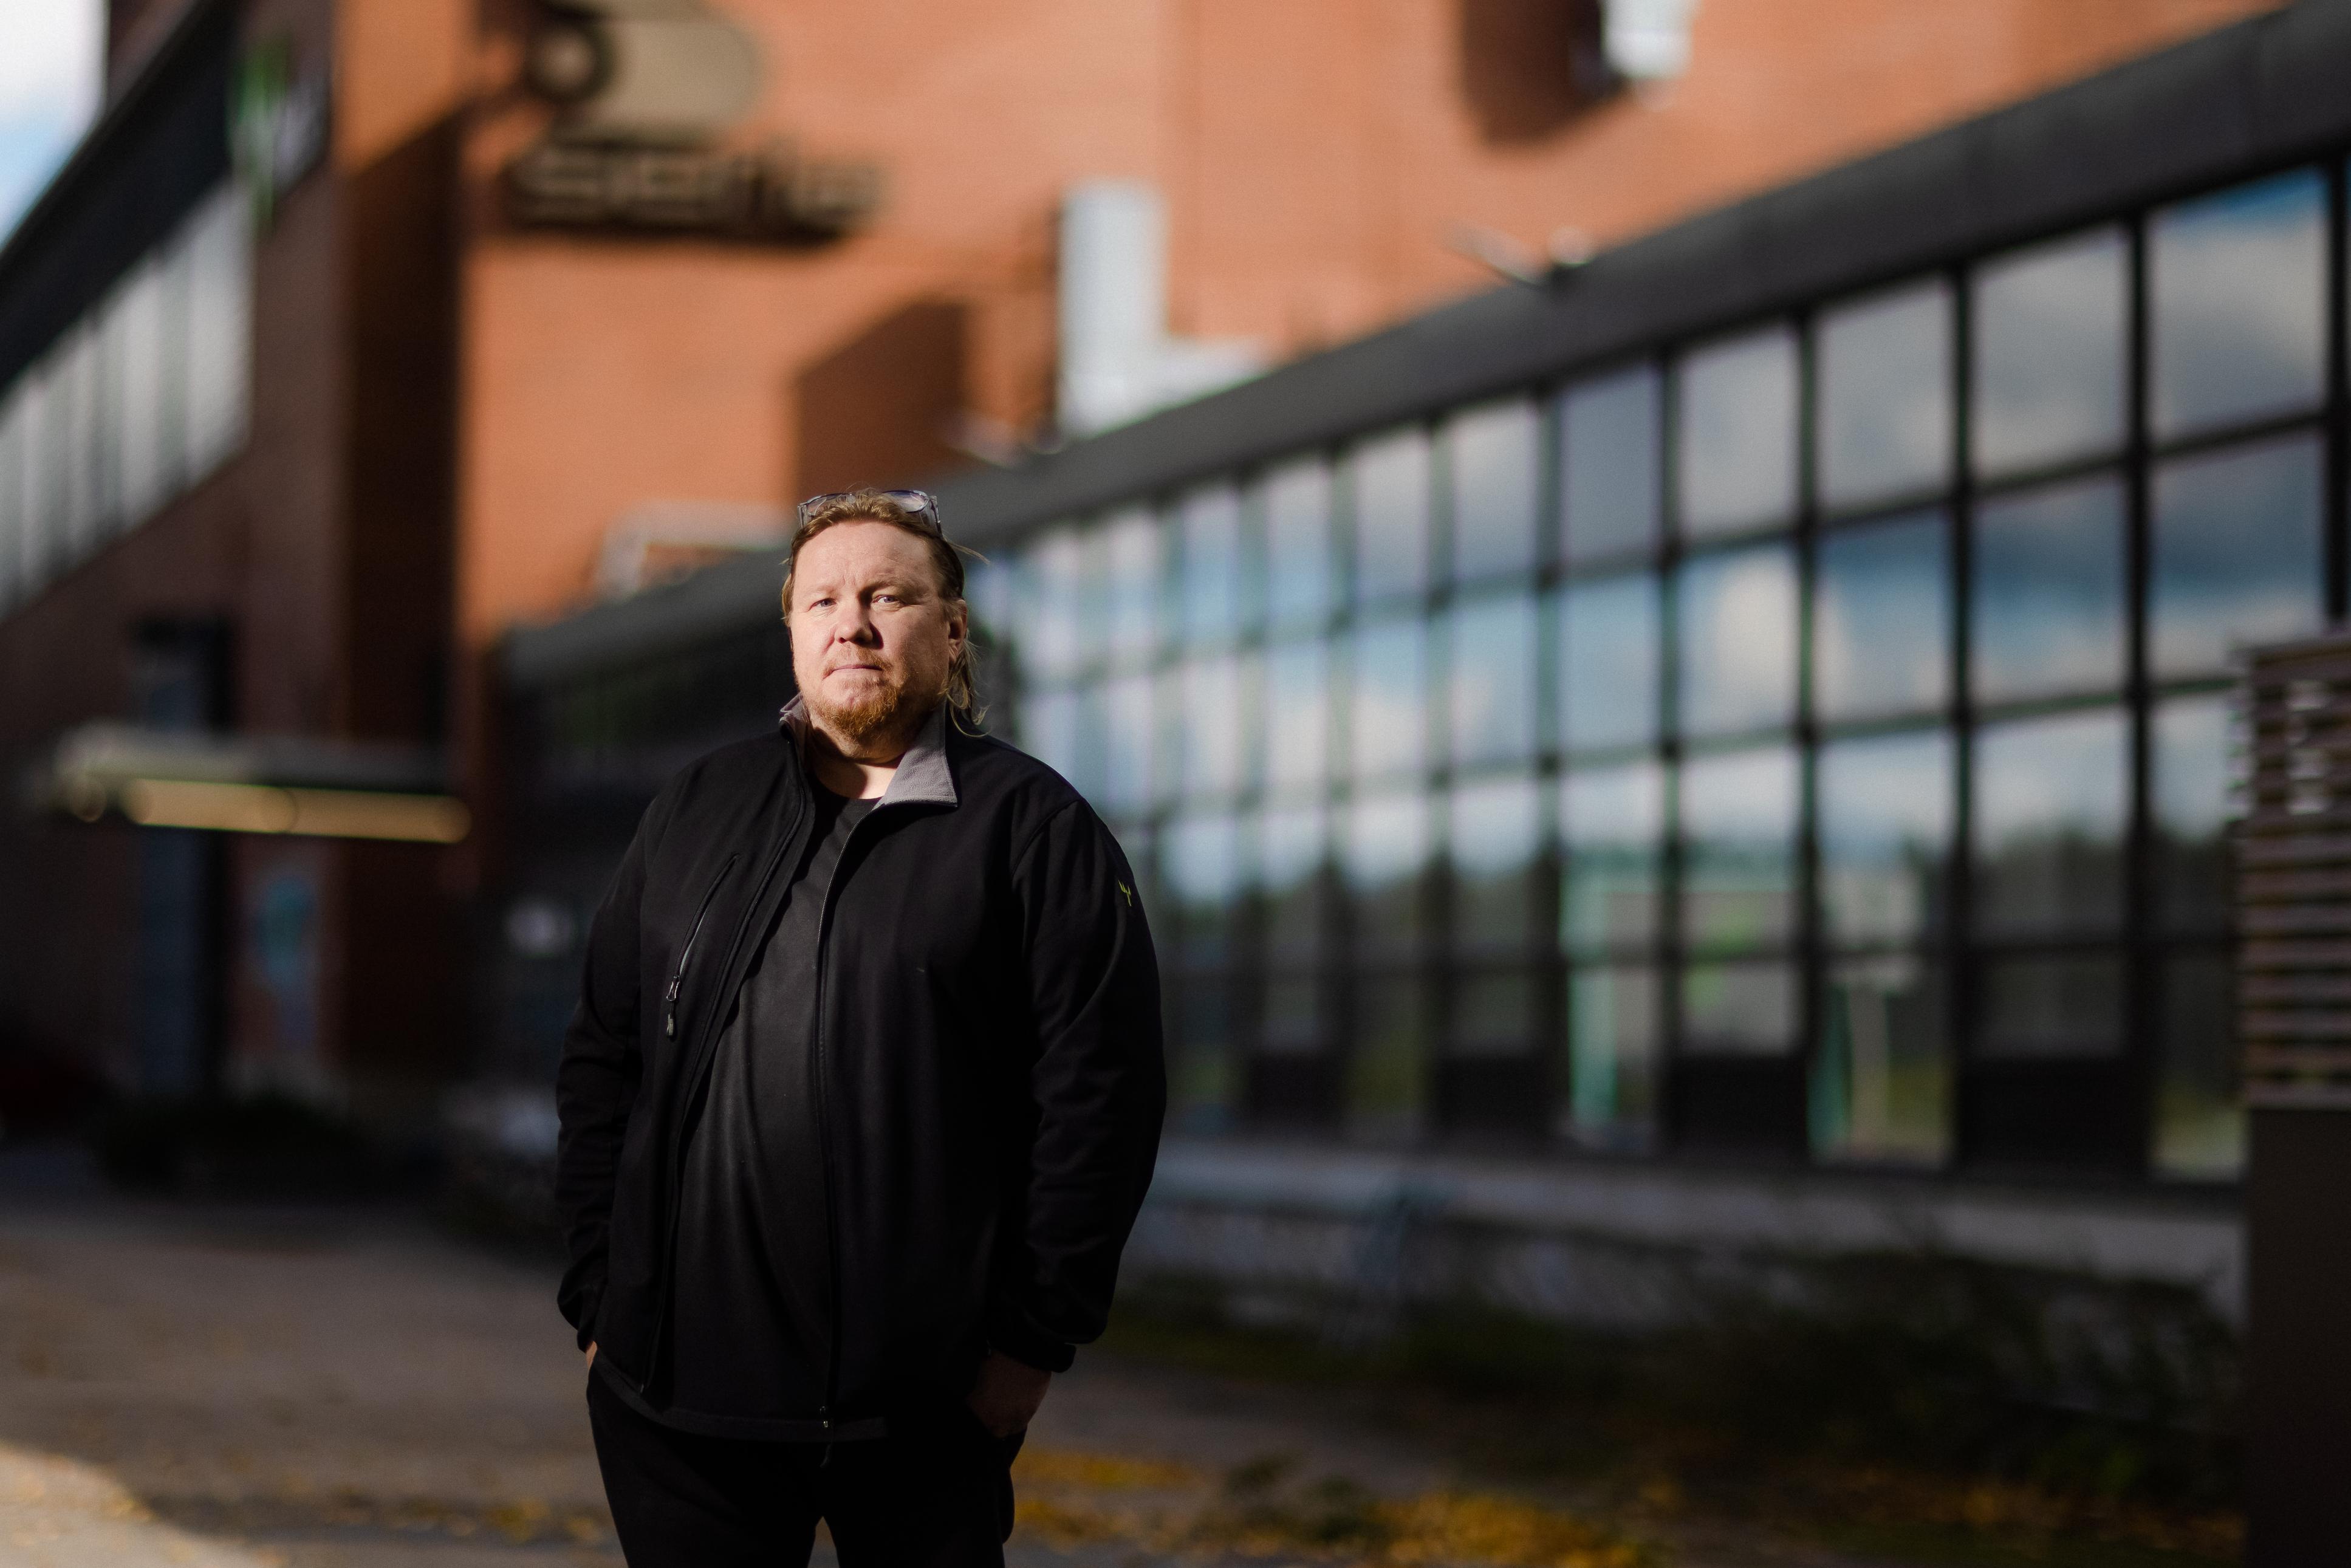 Jetta Rantala kertoo, että  työntekijät pääsivät vaikuttamaan Huhtamäen uuden tehtaan suunnittelussa konkreettisiin pieniin asioihin. Parikymmentä vuotta sitten Juha Vuokko pääsi koneporukan kanssa jopa tutustumismatkalle Italiaan, kun Mäntän tehtaalle suunniteltiin investointia.